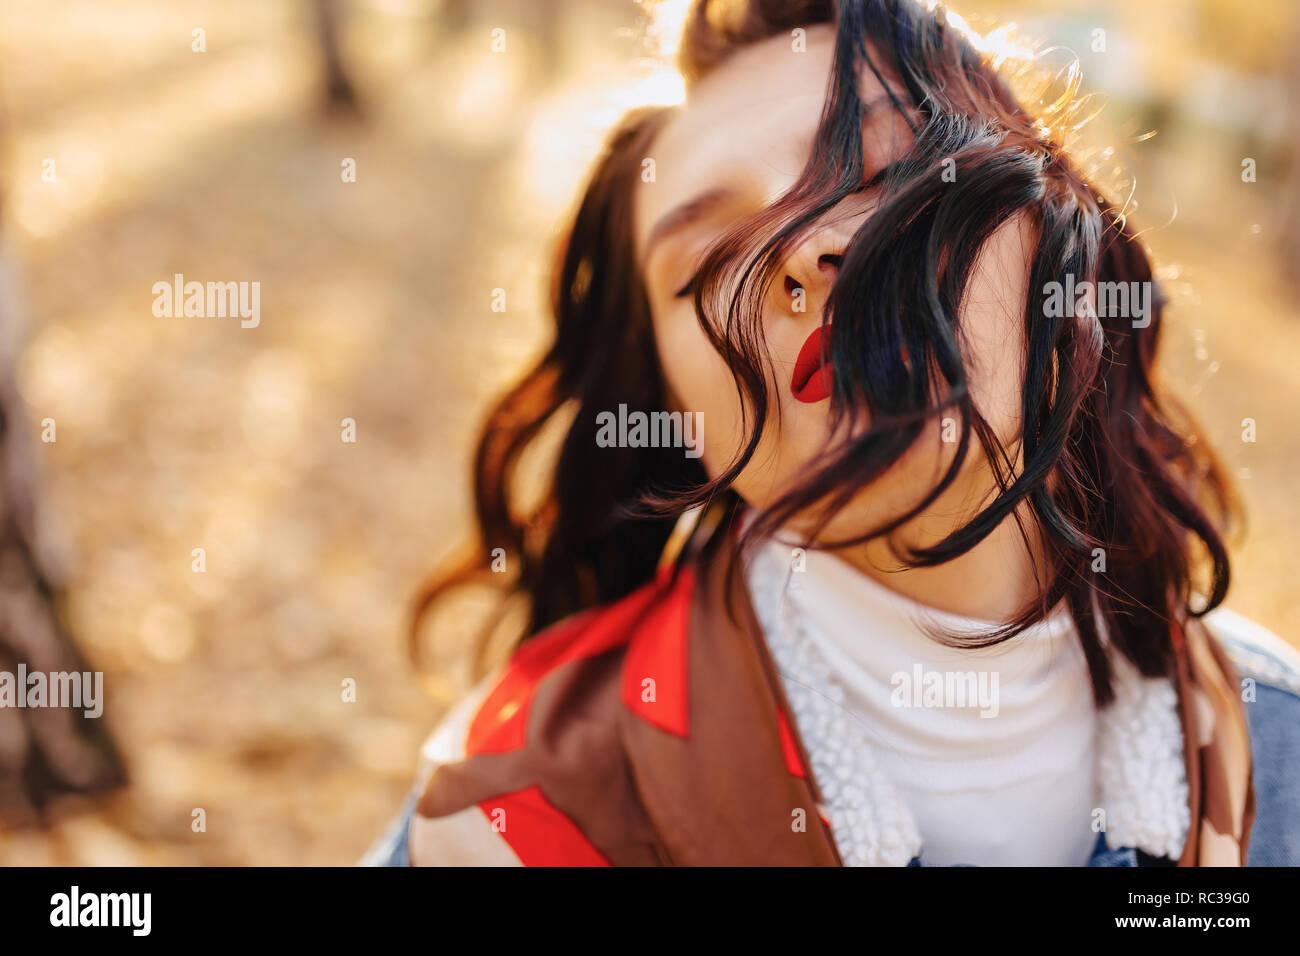 Très jolie fille aux lèvres rouges et les cheveux courts dans un manteau en denim promenades dans la ville ensoleillée d'automne Banque D'Images